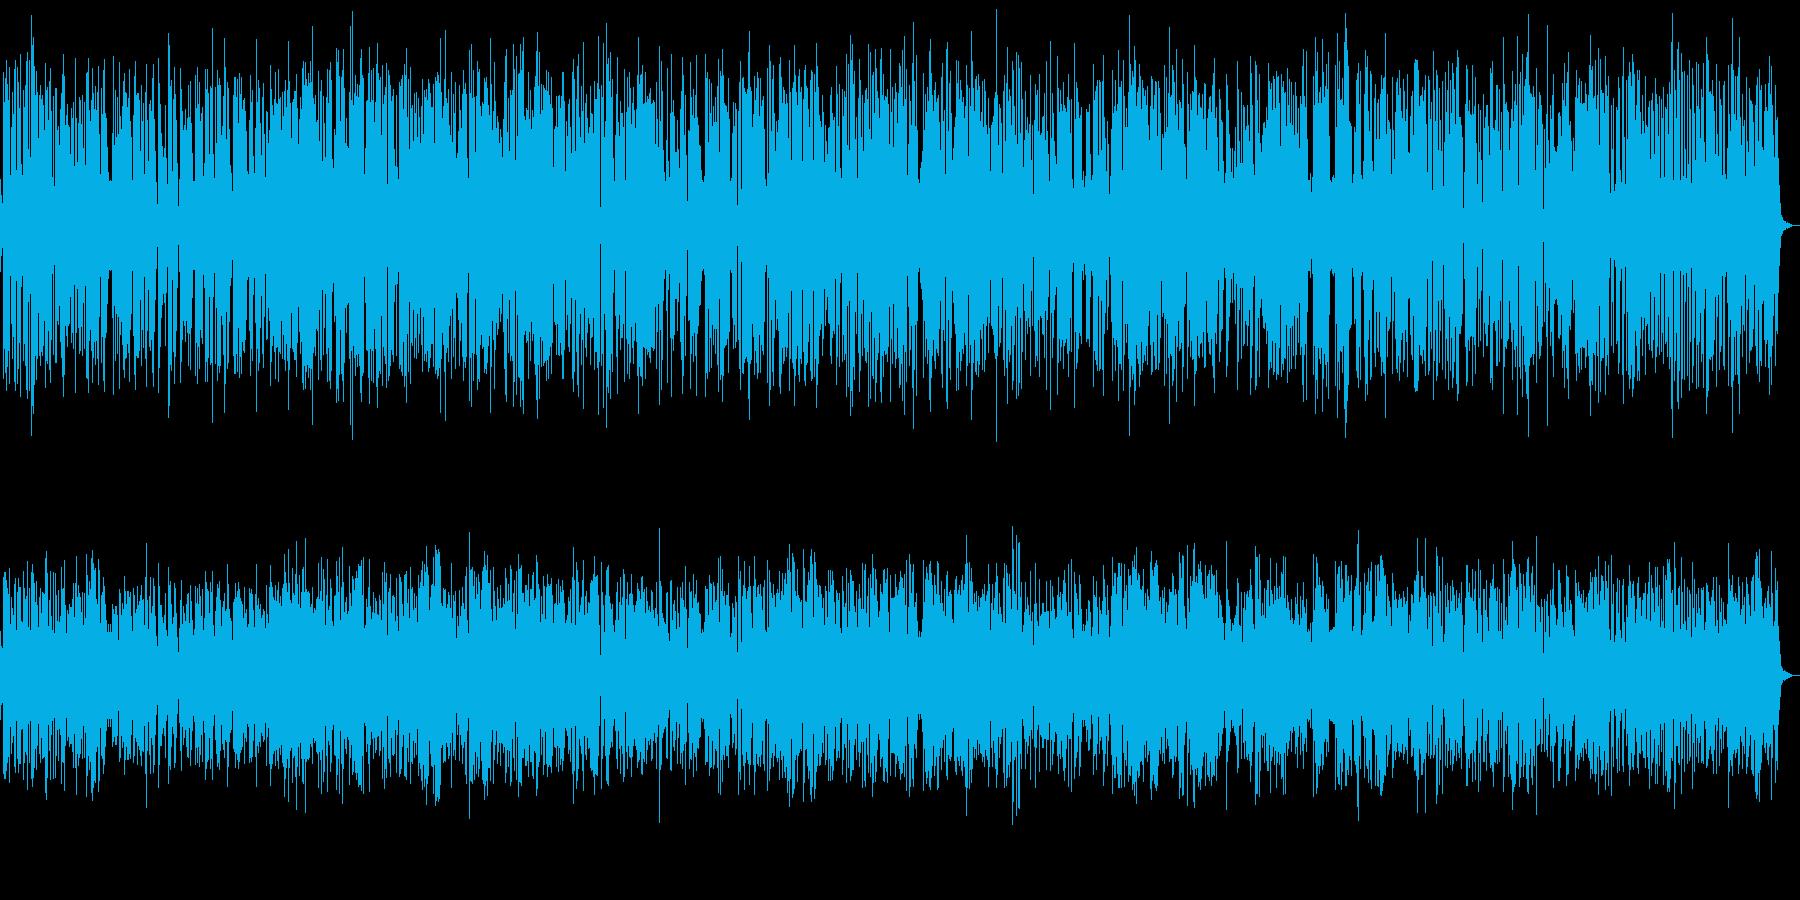 かっこいいおしゃれなジャズピアノトリオの再生済みの波形